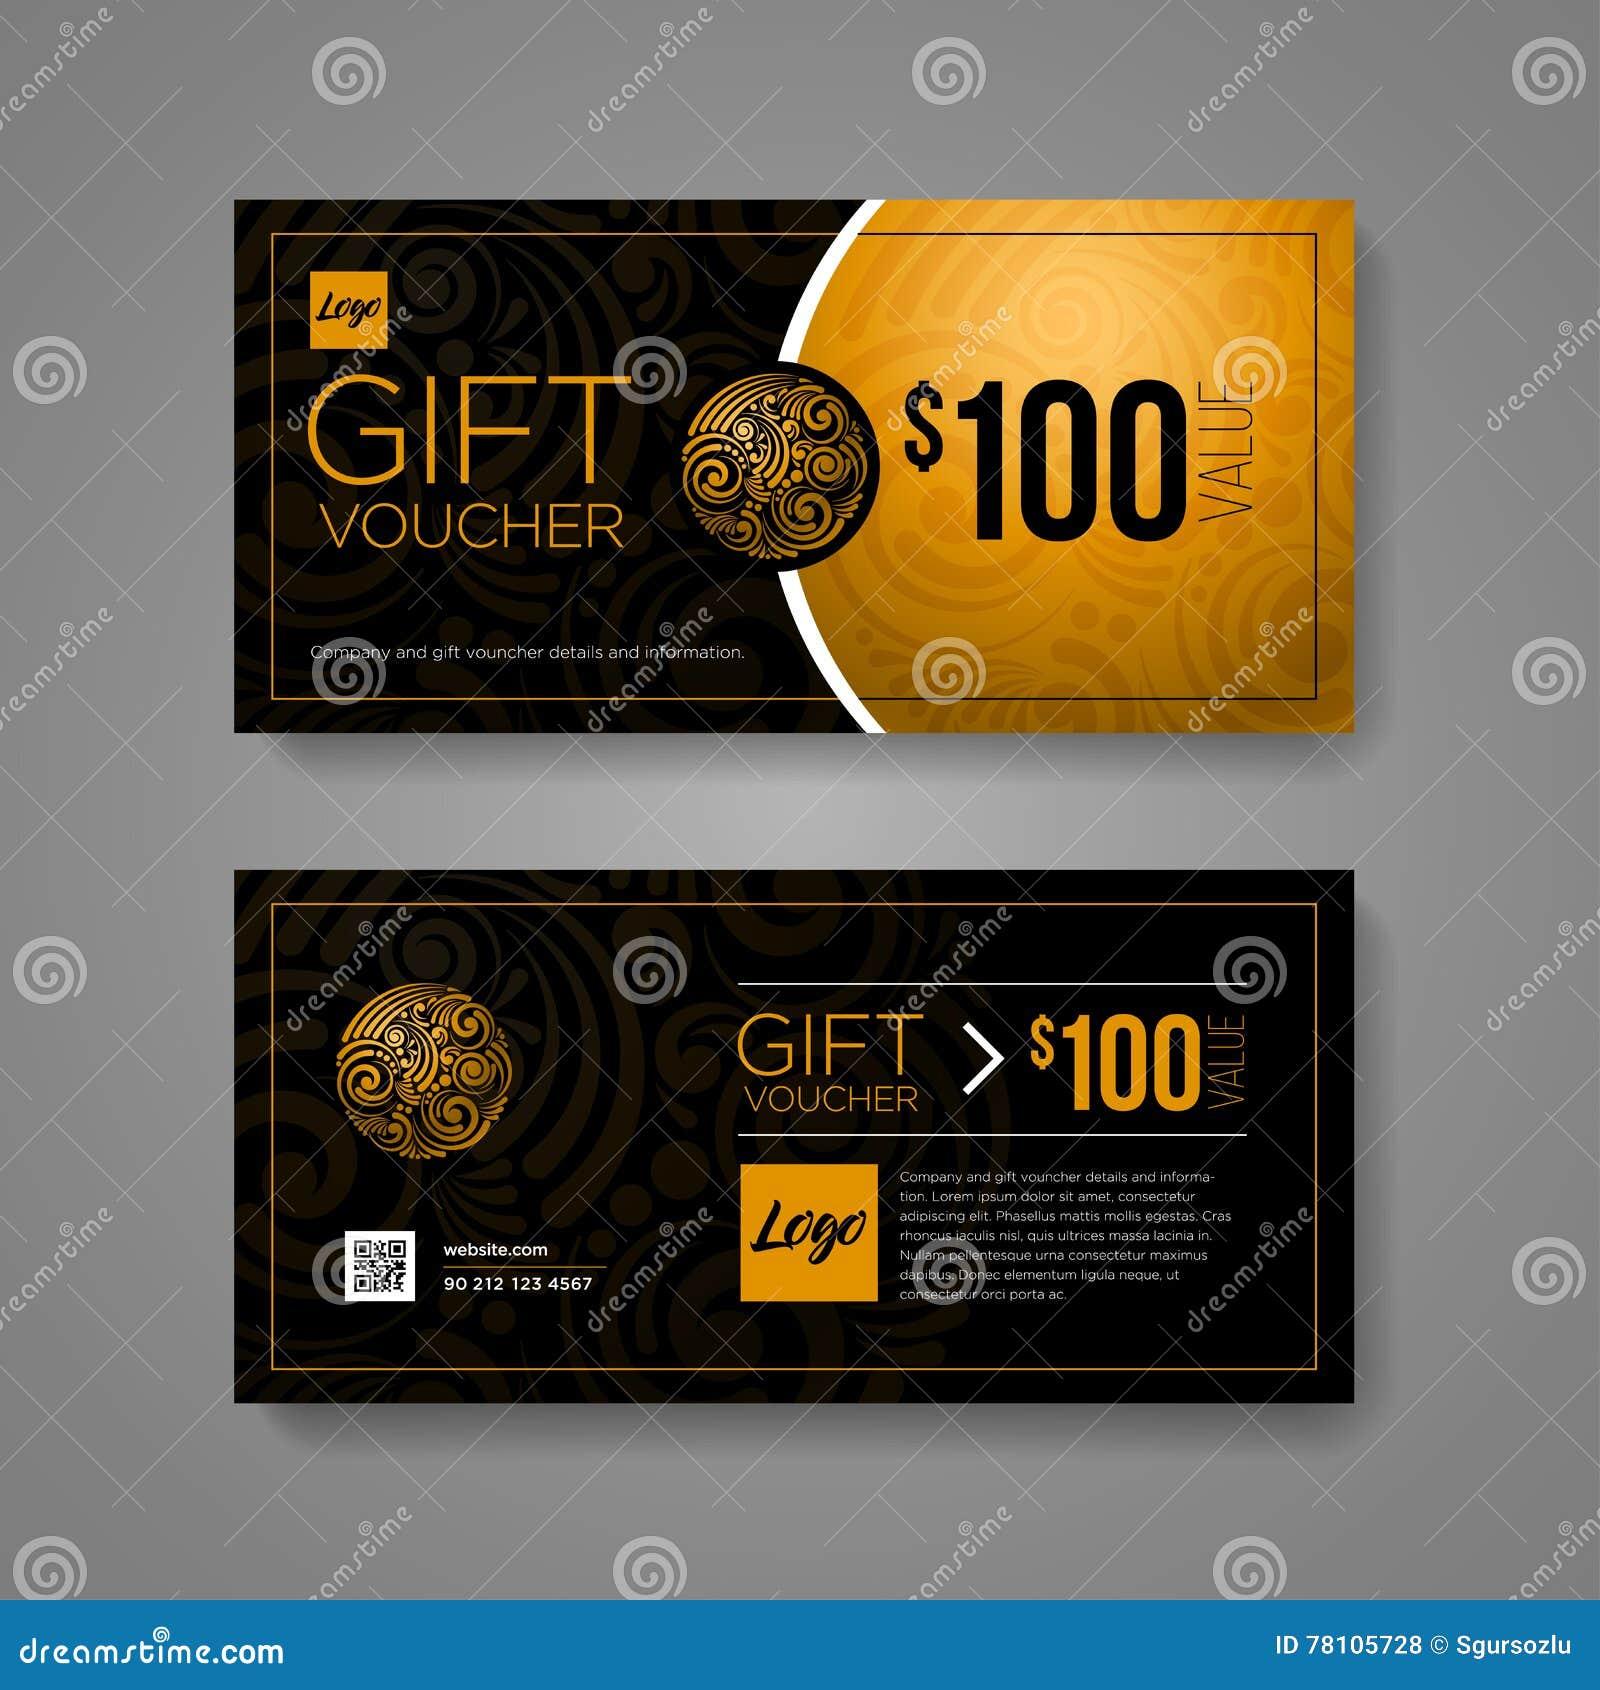 Gift Voucher Design Template Stock Vector Illustration Of Offer Rma